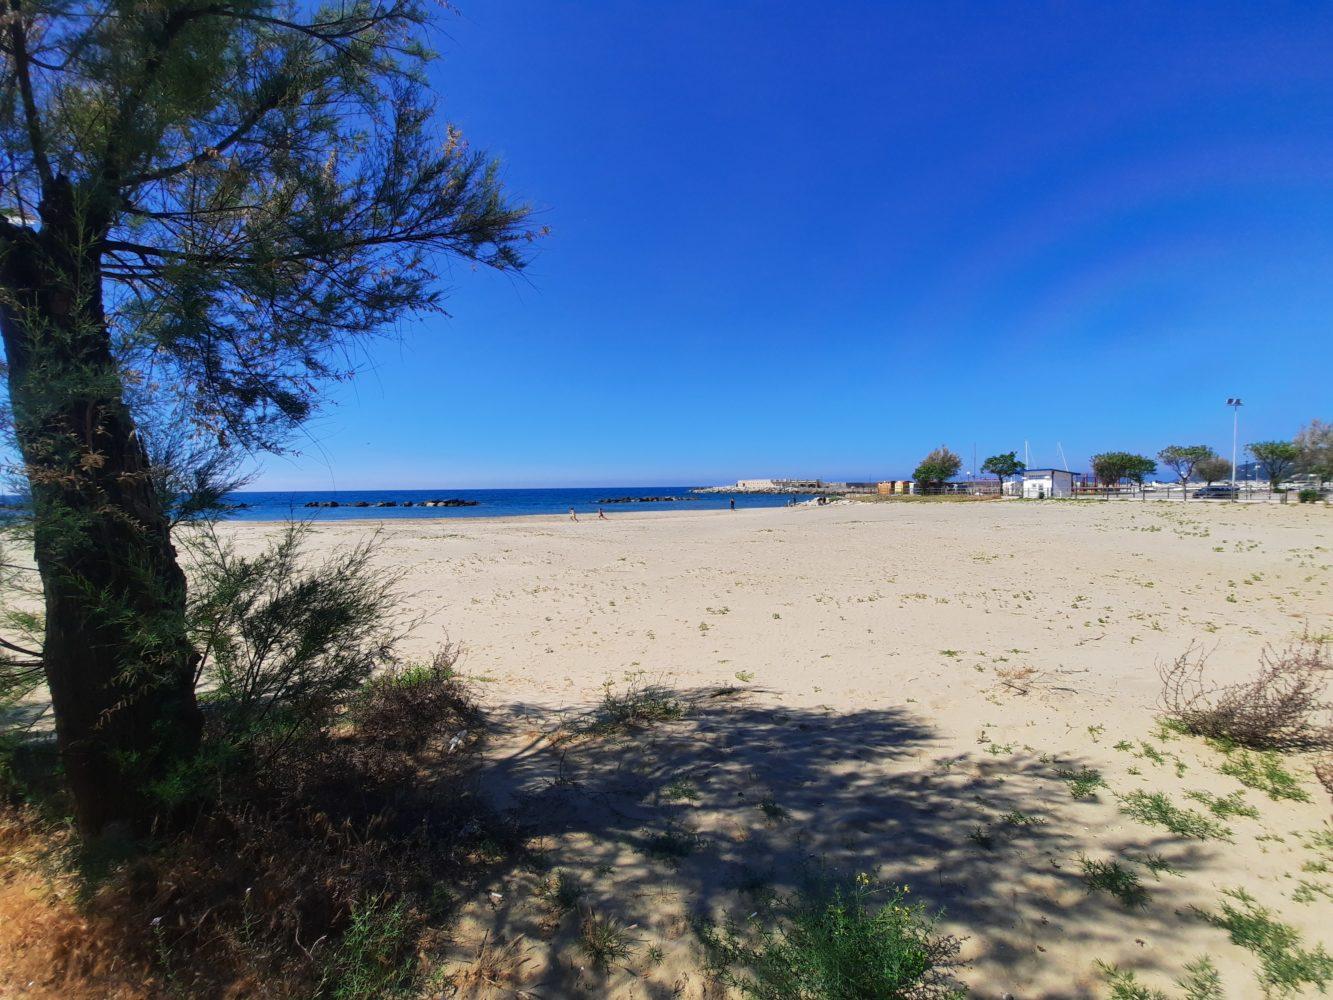 Spiagge di Marina di Casal Velino spiaggia casalvelino il mare (1)